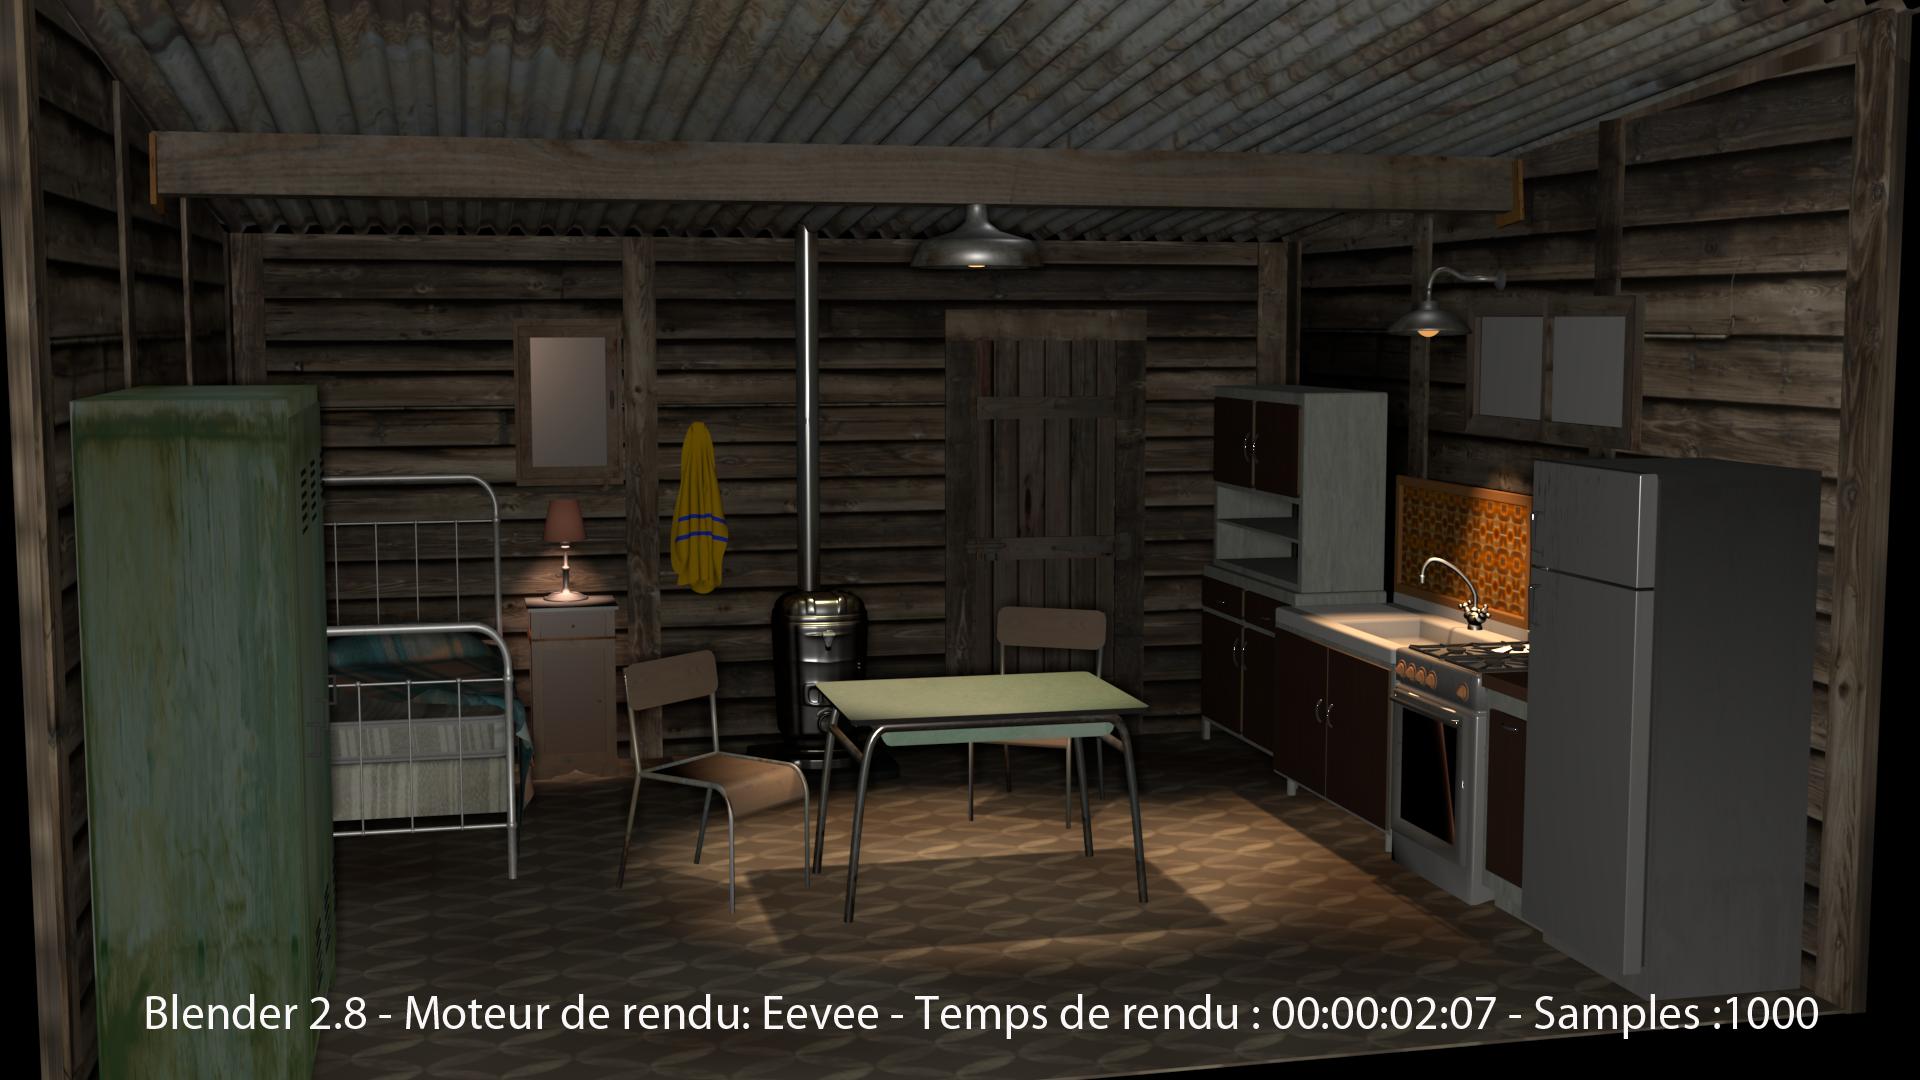 Blender2.8 - image rendu sous Eevee